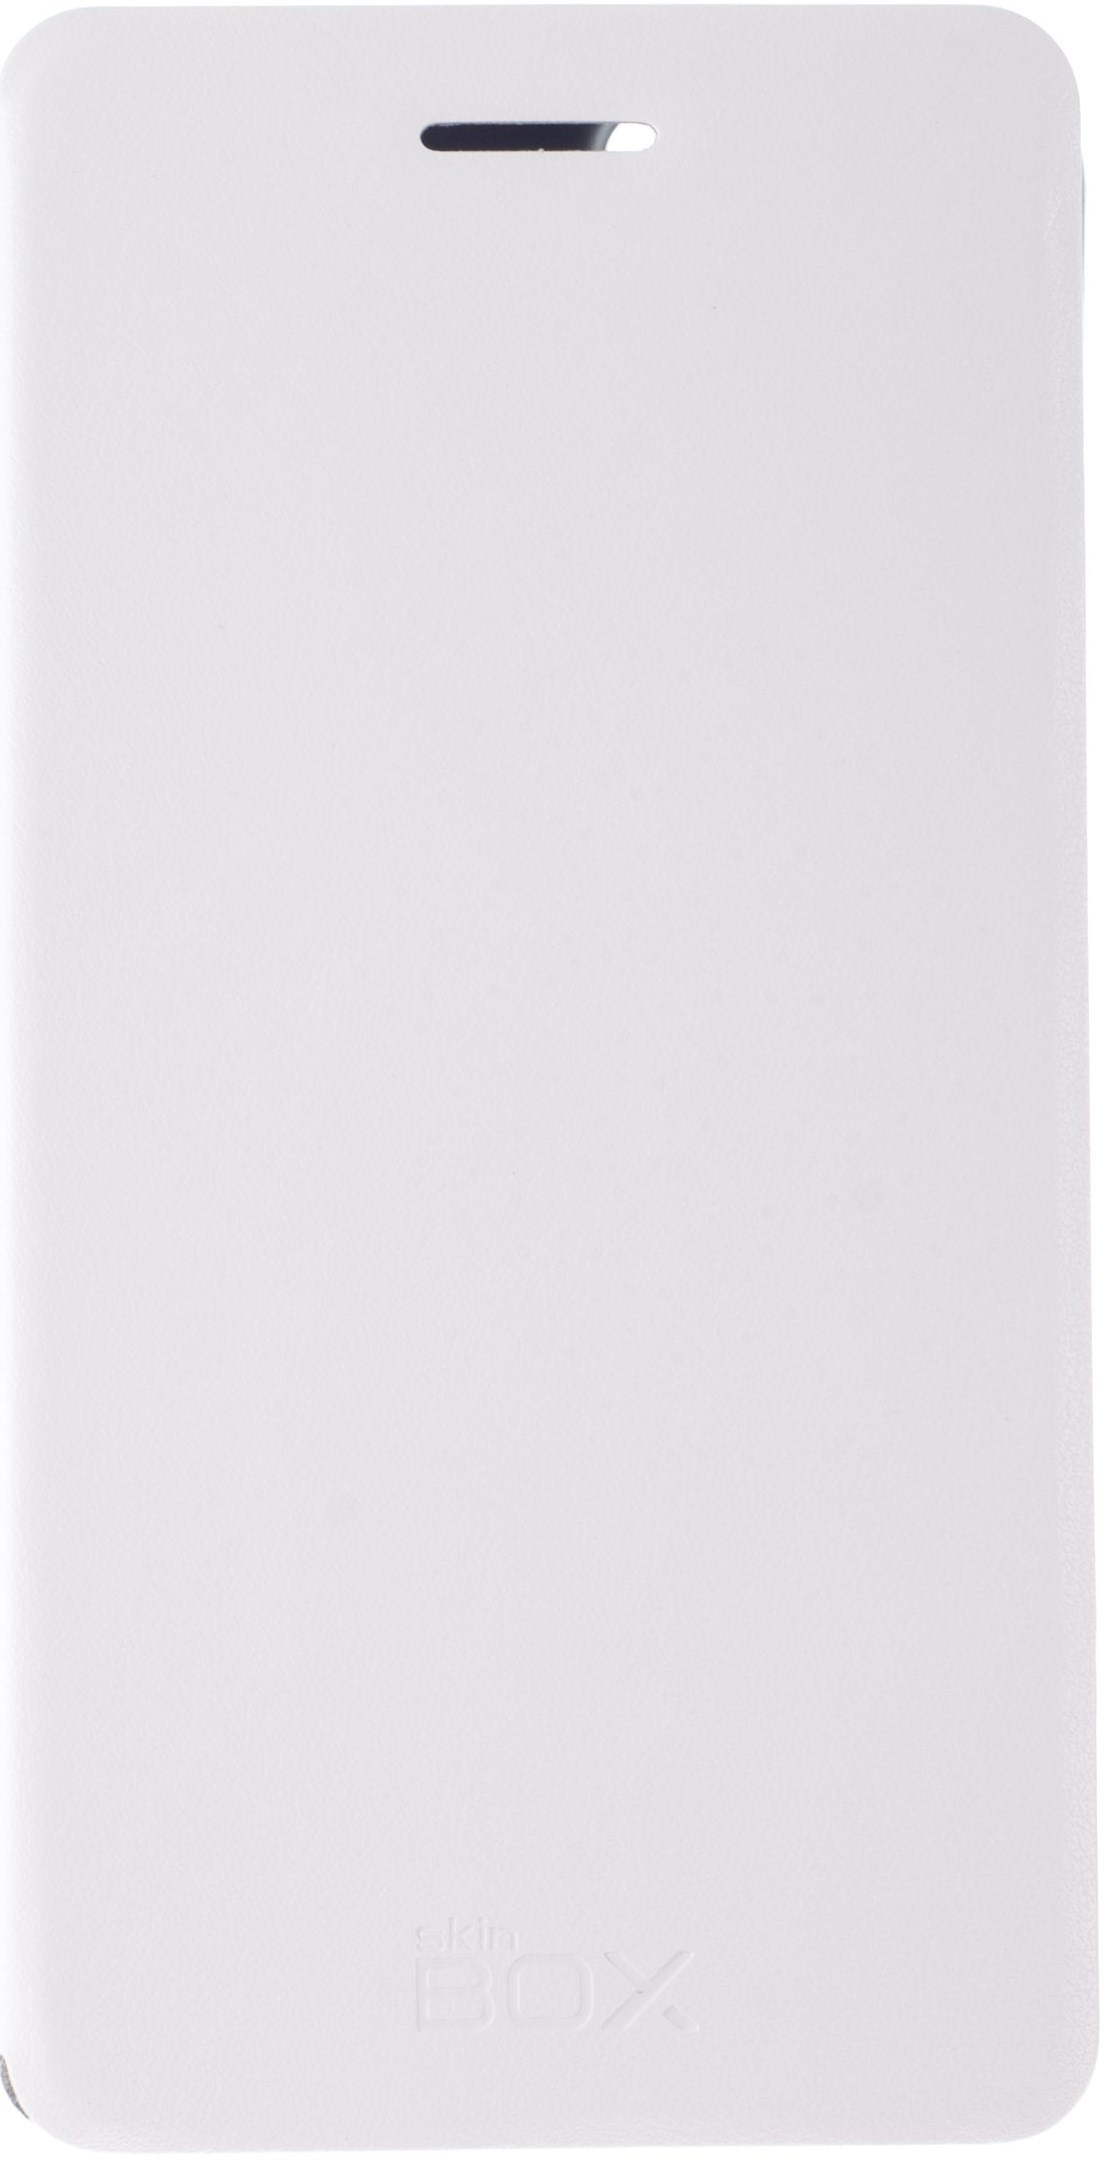 Чехол для сотового телефона skinBOX Lux, 4630042525542, белый